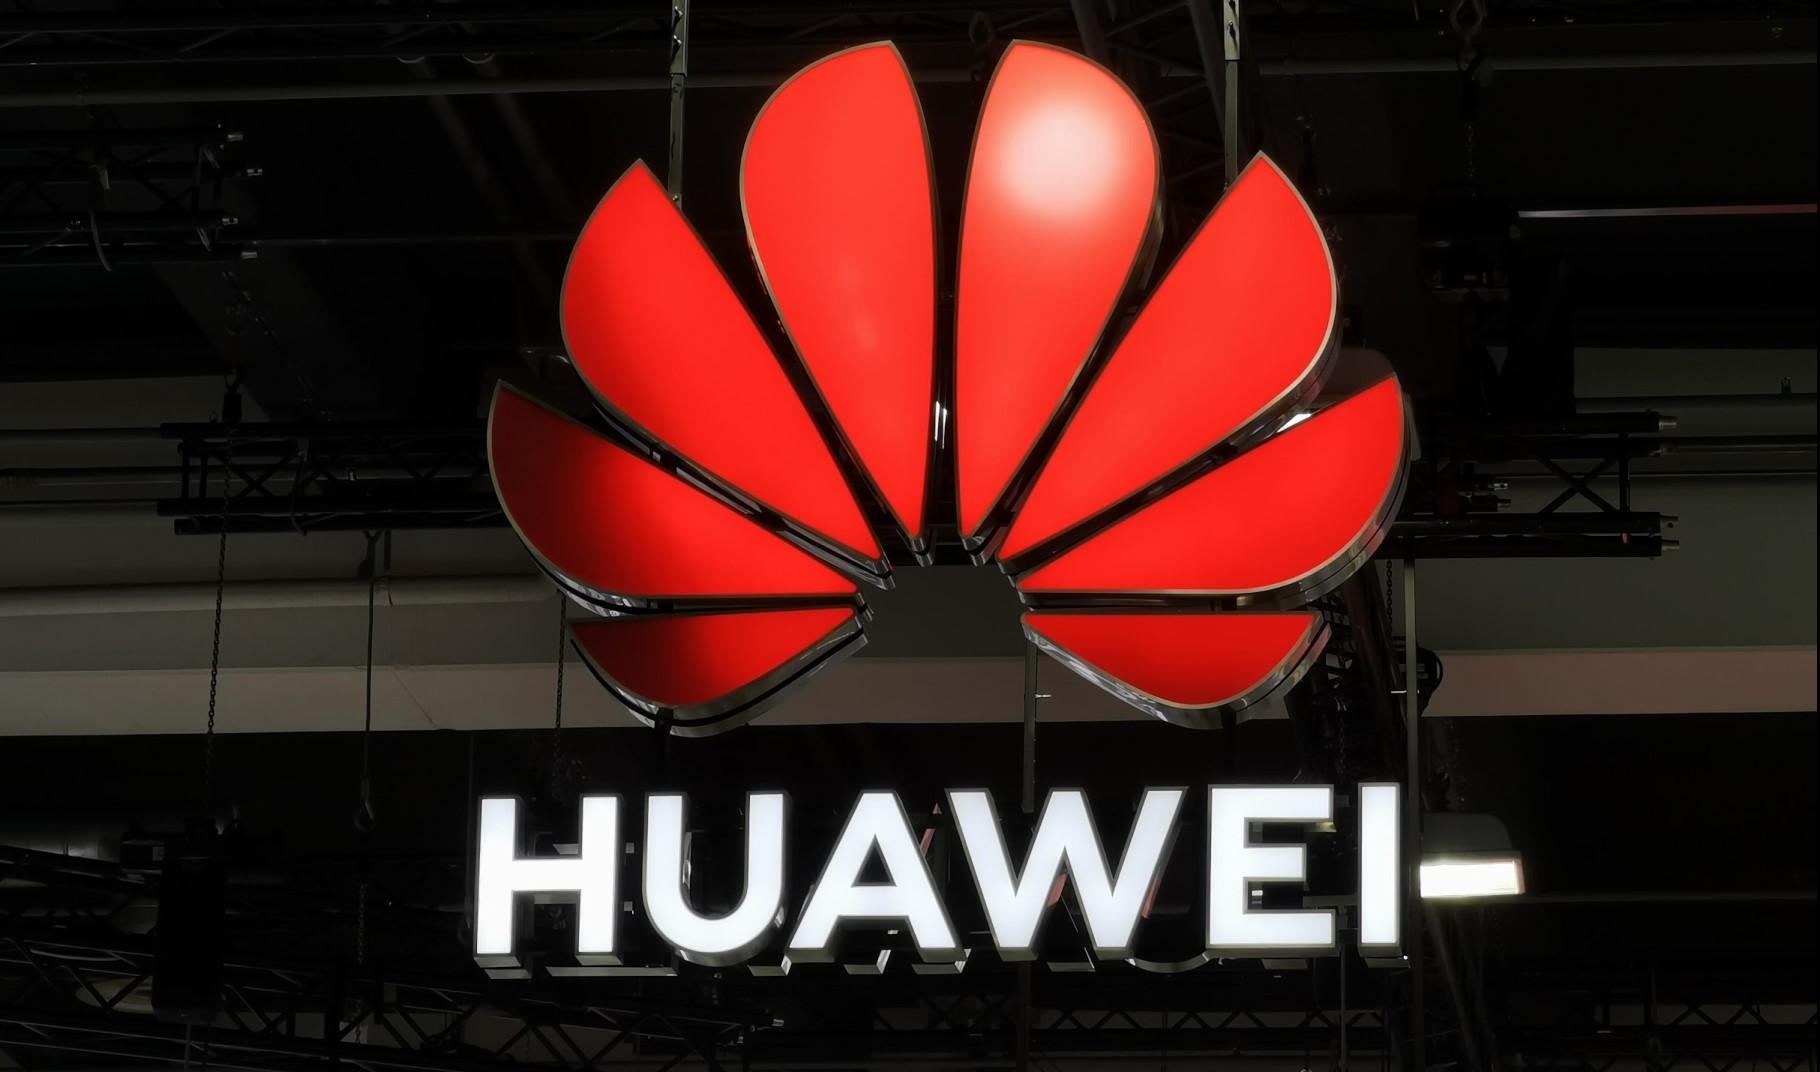 Situația Huawei pe partea de dezvoltare a 5G în Europa: semne bune din Franța, Germania, Austria, Italia și Suedia